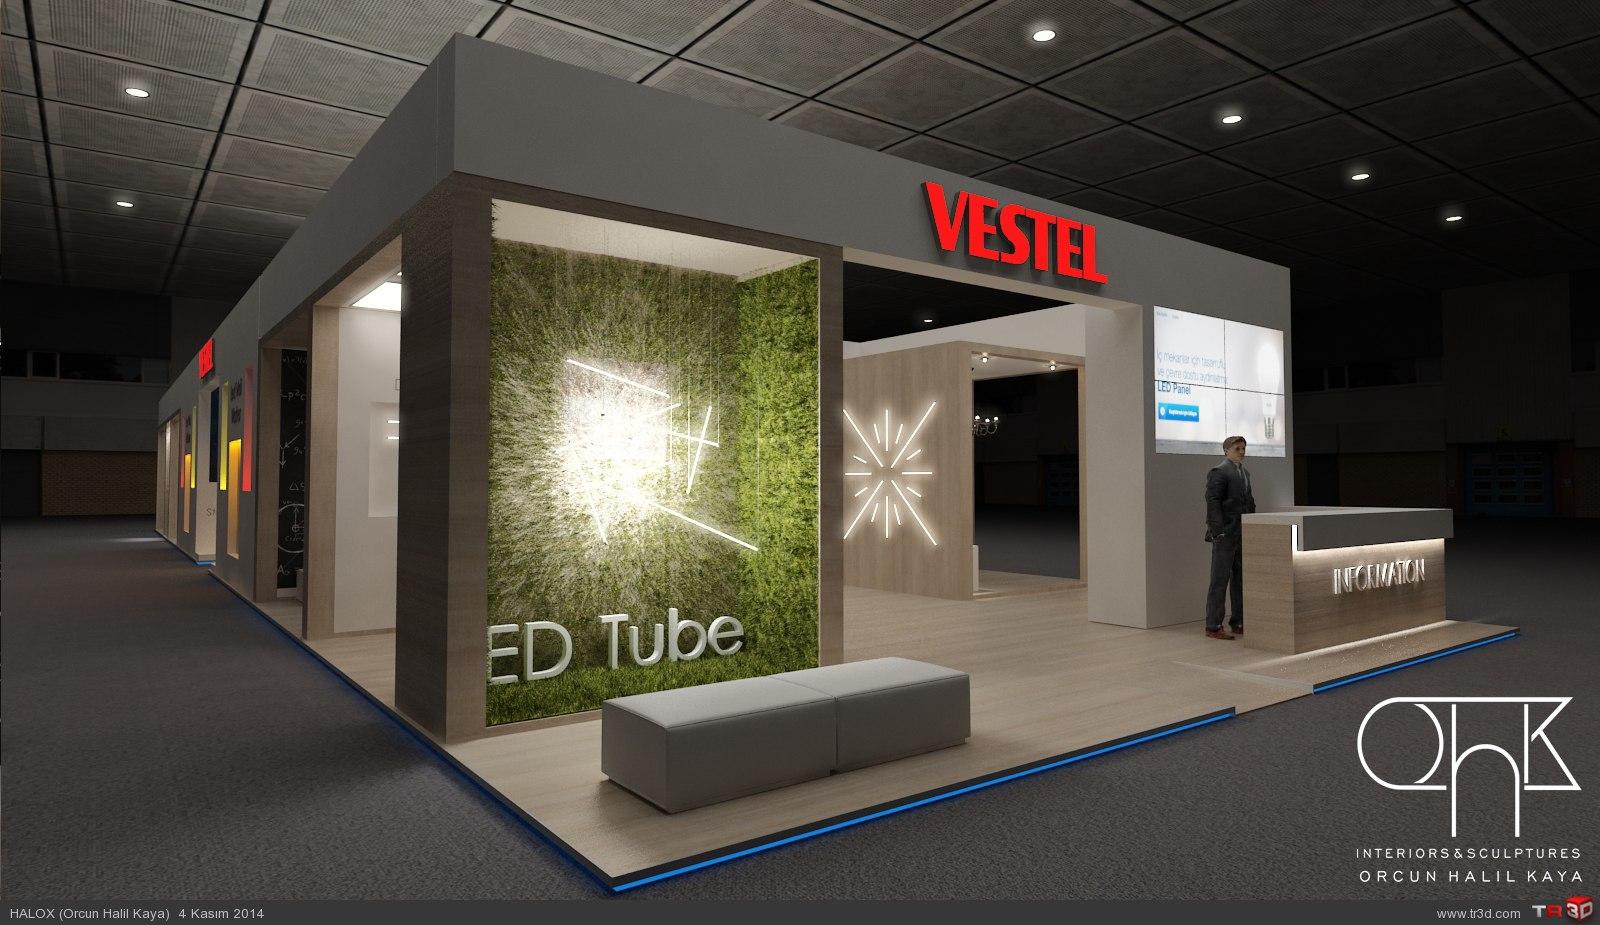 VESTEL - Led&Led Lighting 2014